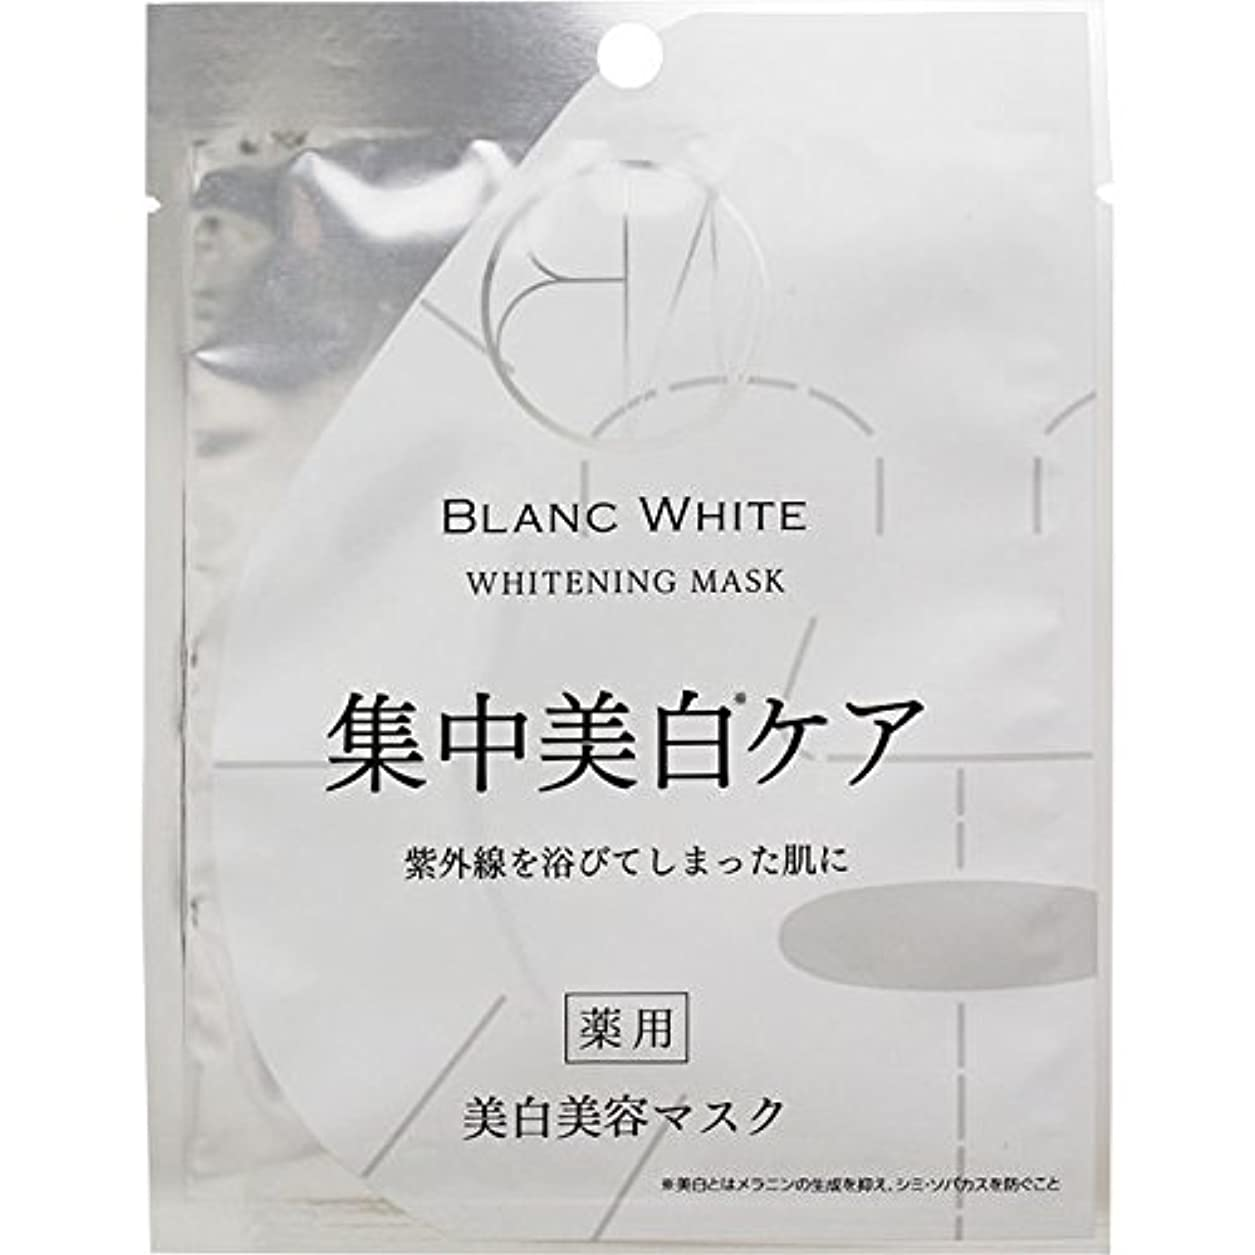 摂氏なす鉱夫ブランホワイト ホワイトニングマスク 1枚【21ml】 (医薬部外品)